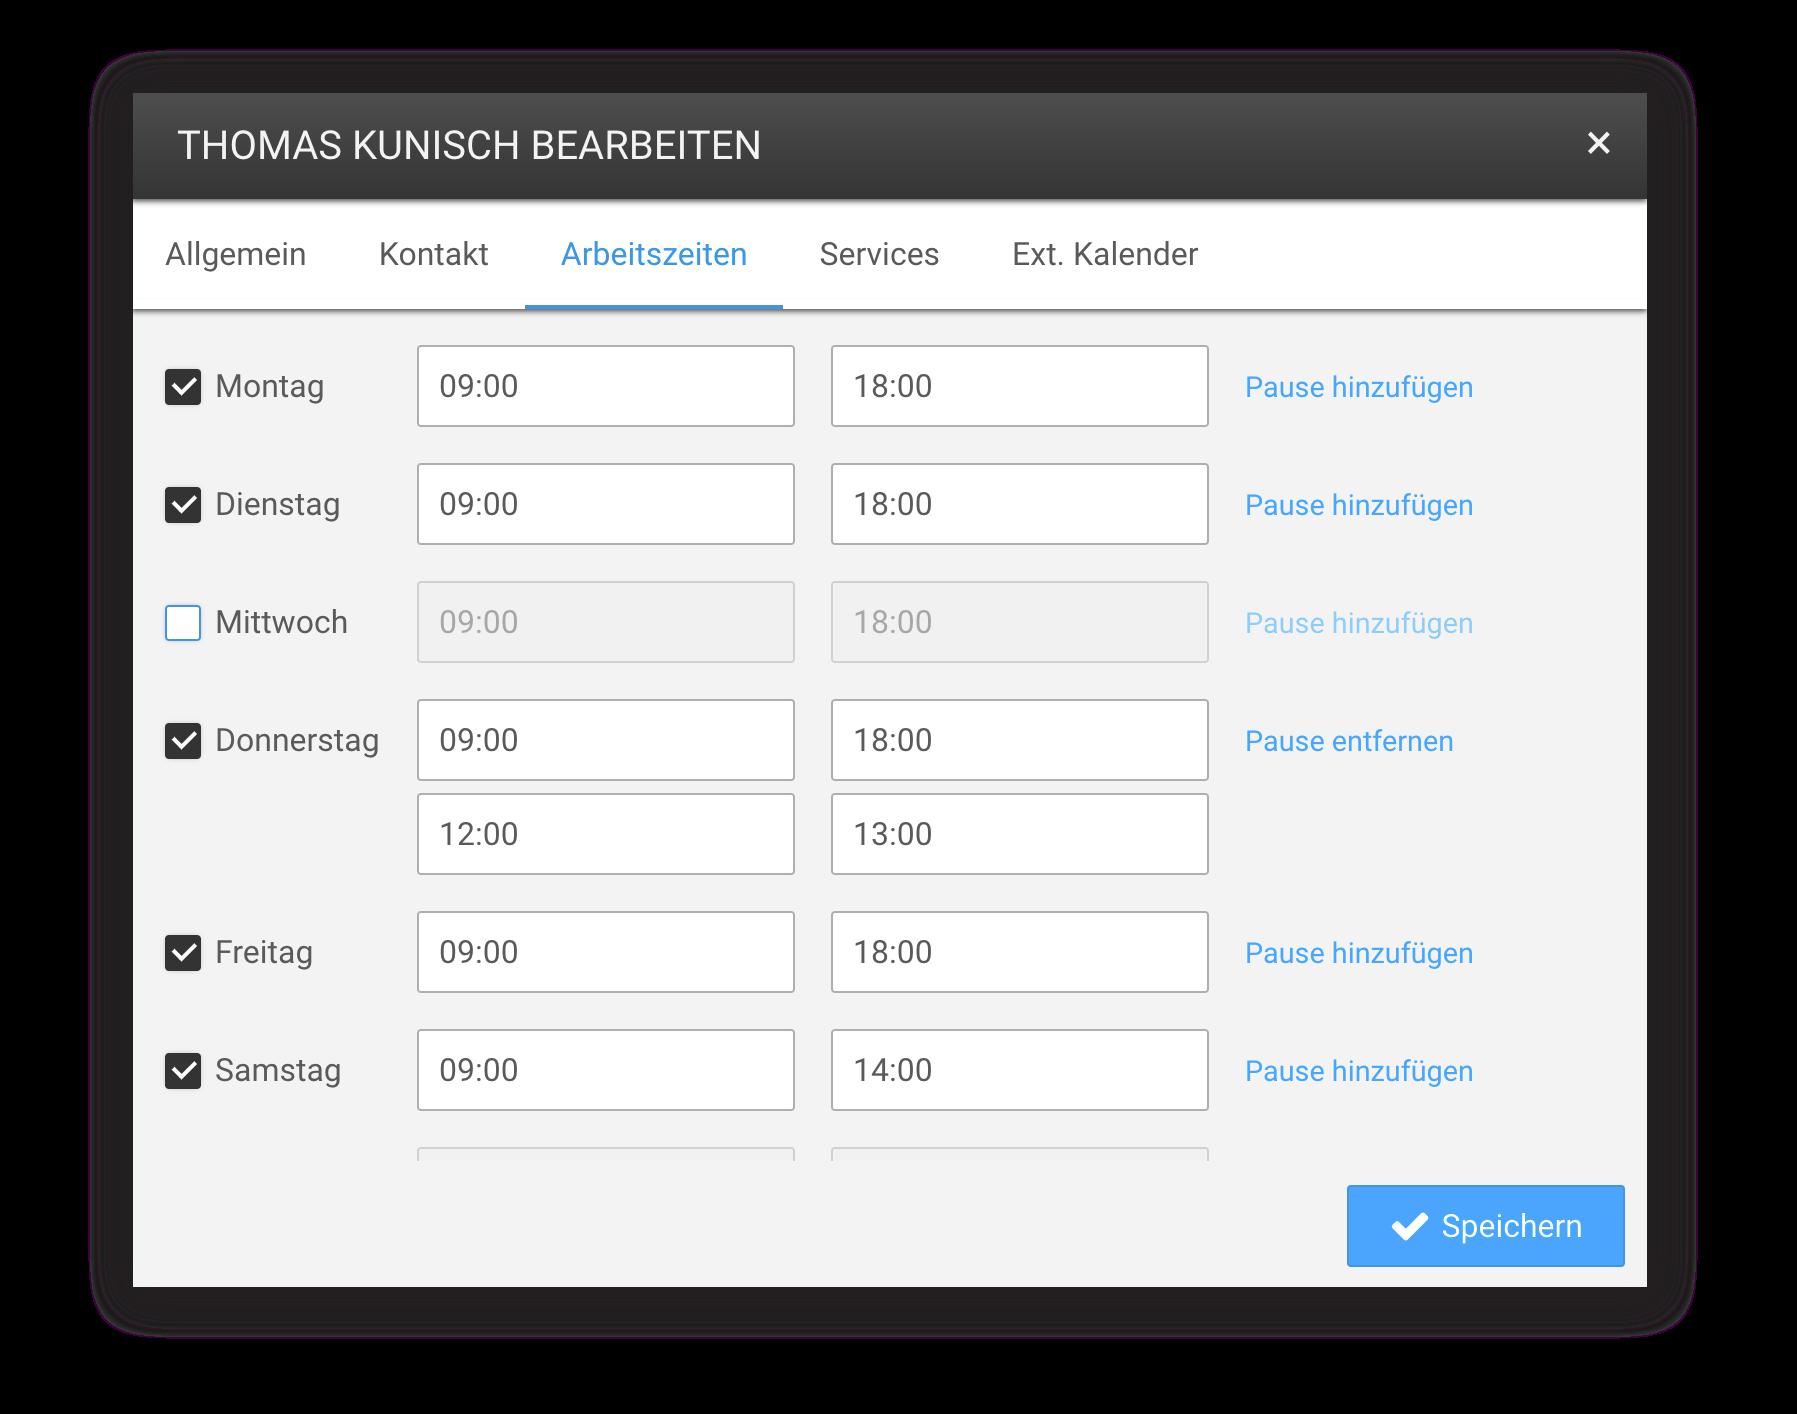 Die digitale Schichtplanung erlaubt eine flexbile Gestaltung der Arbeitszeiten Ihres Teams